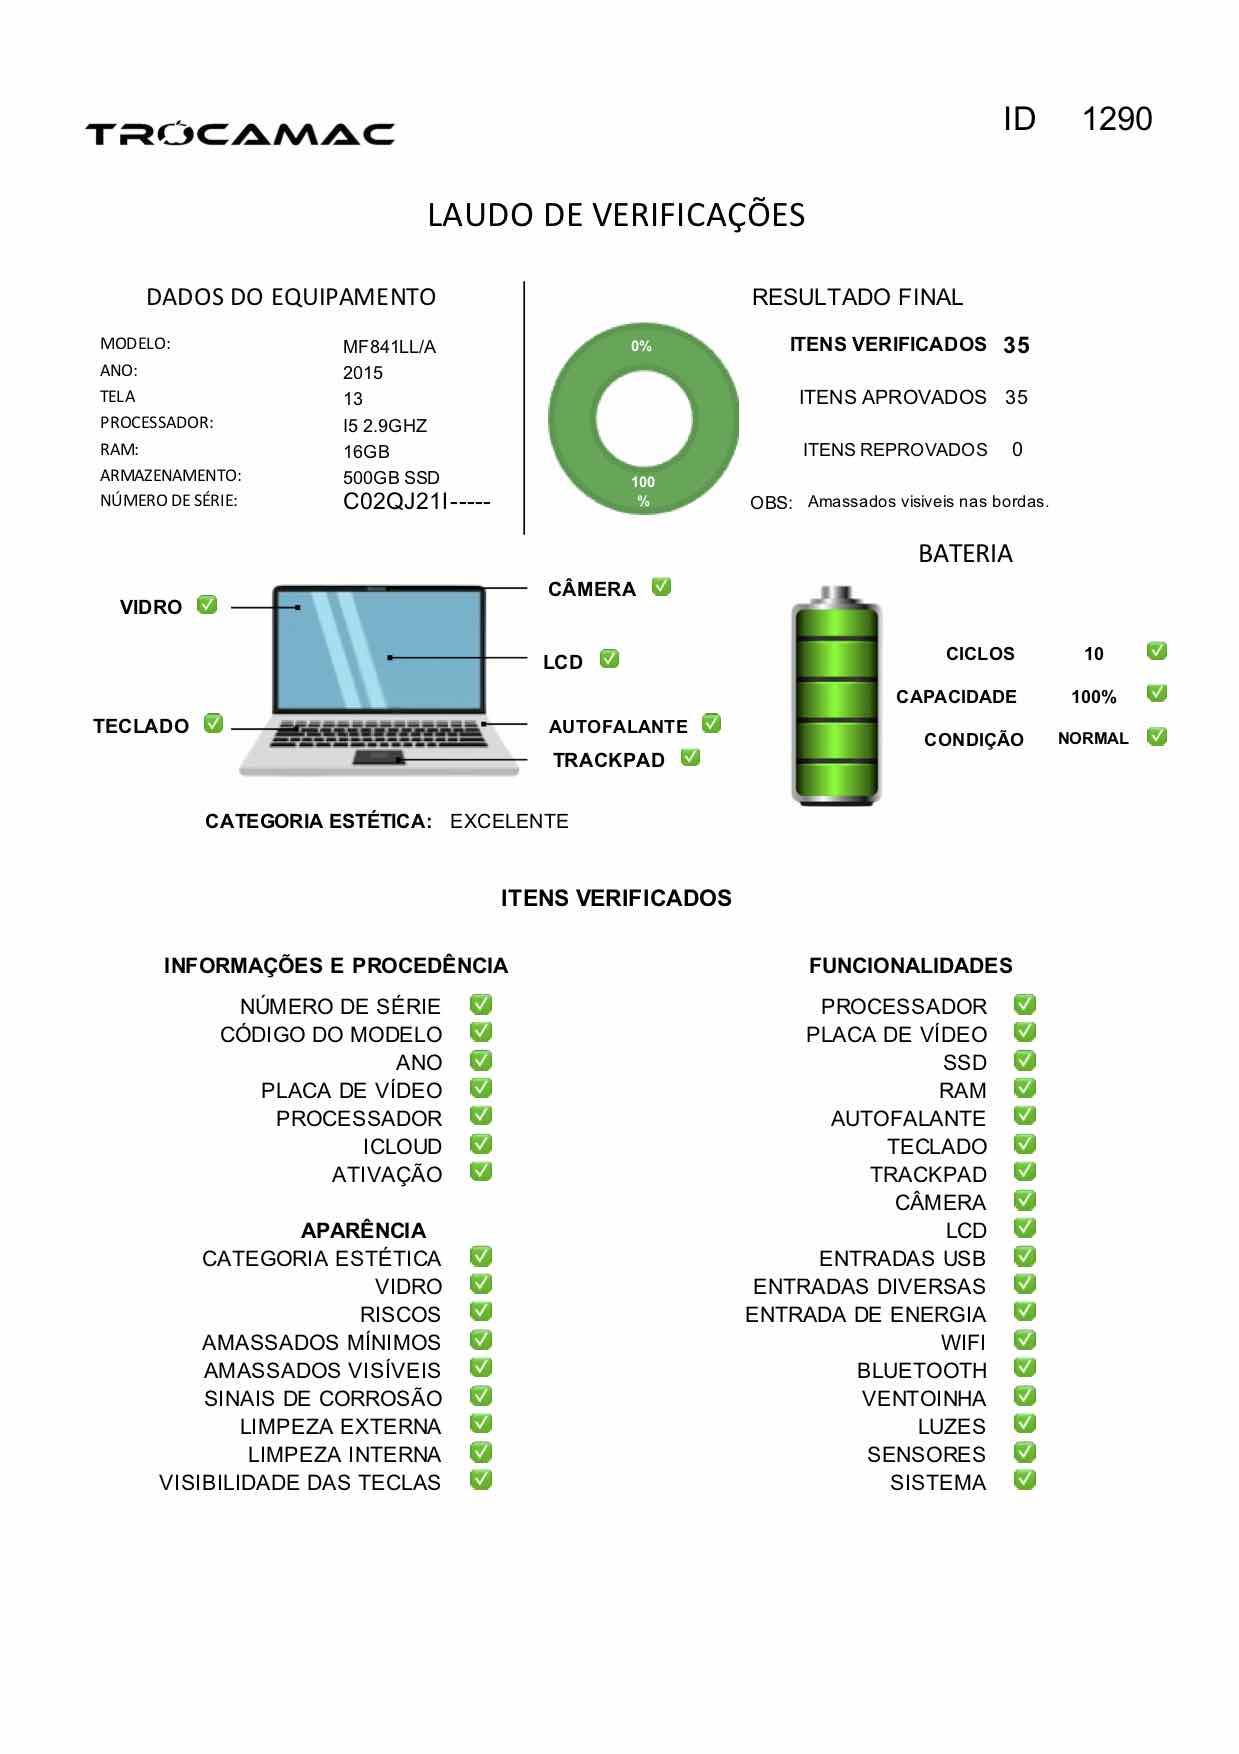 Macbook Pro Retina 13 i5 2.9Ghz 16GB 512GB SSD MF841LLl/A Seminovo